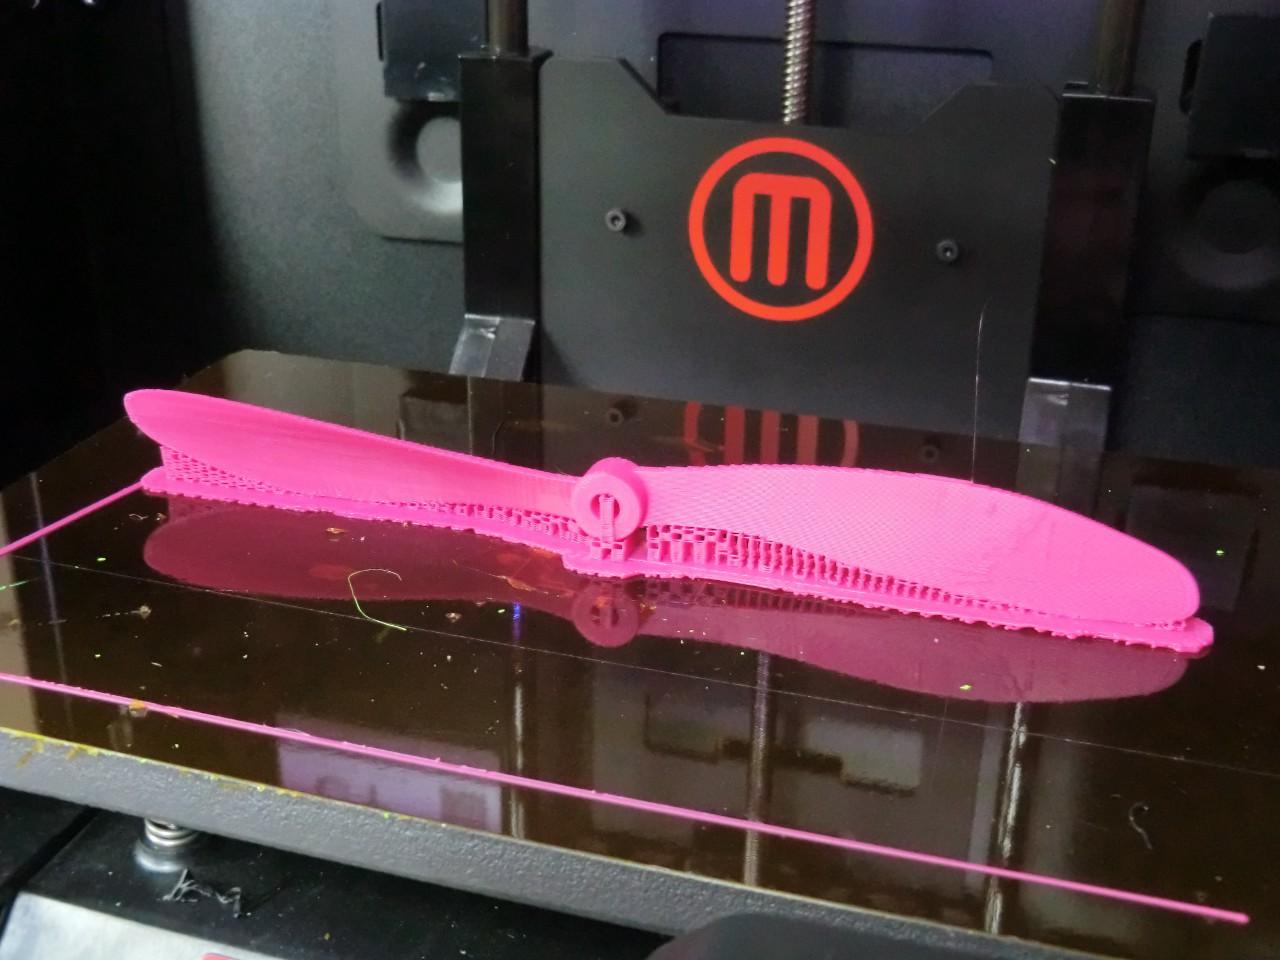 Всё легко, пока печатаются игрушки. А если речь о запчасти для настоящей турбины?